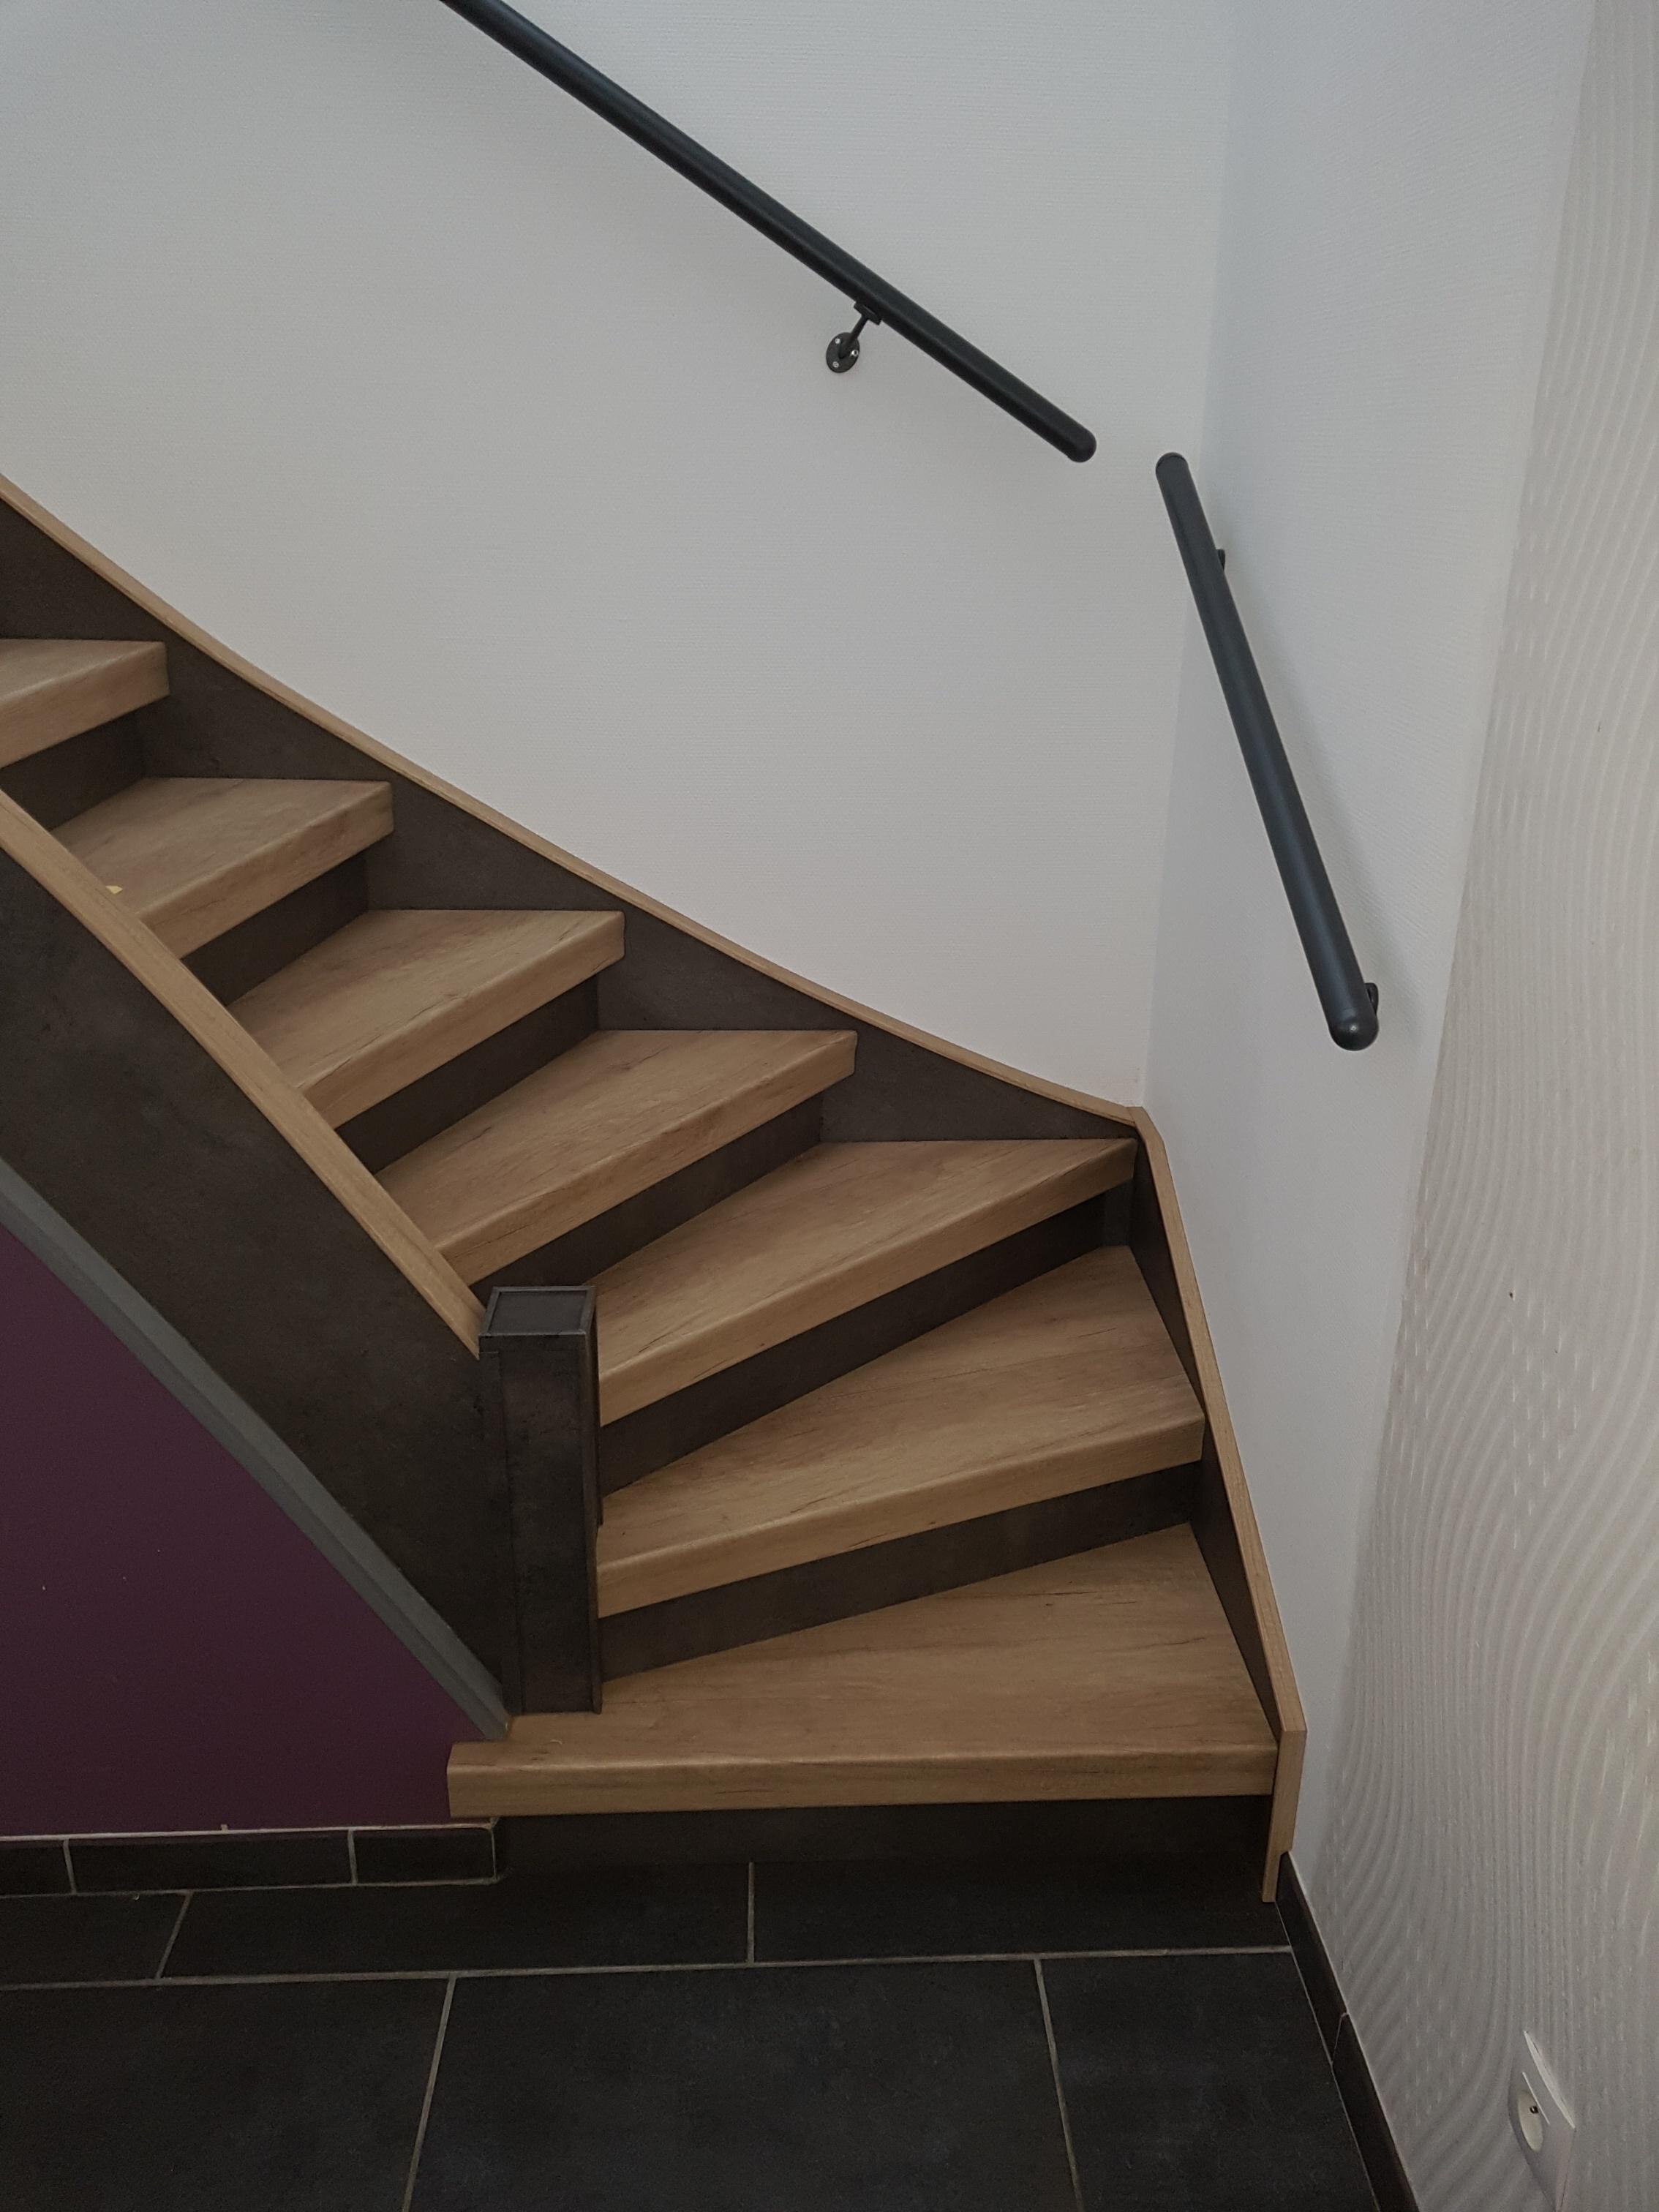 Renovation Escalier Nord Pas De Calais france escaliers